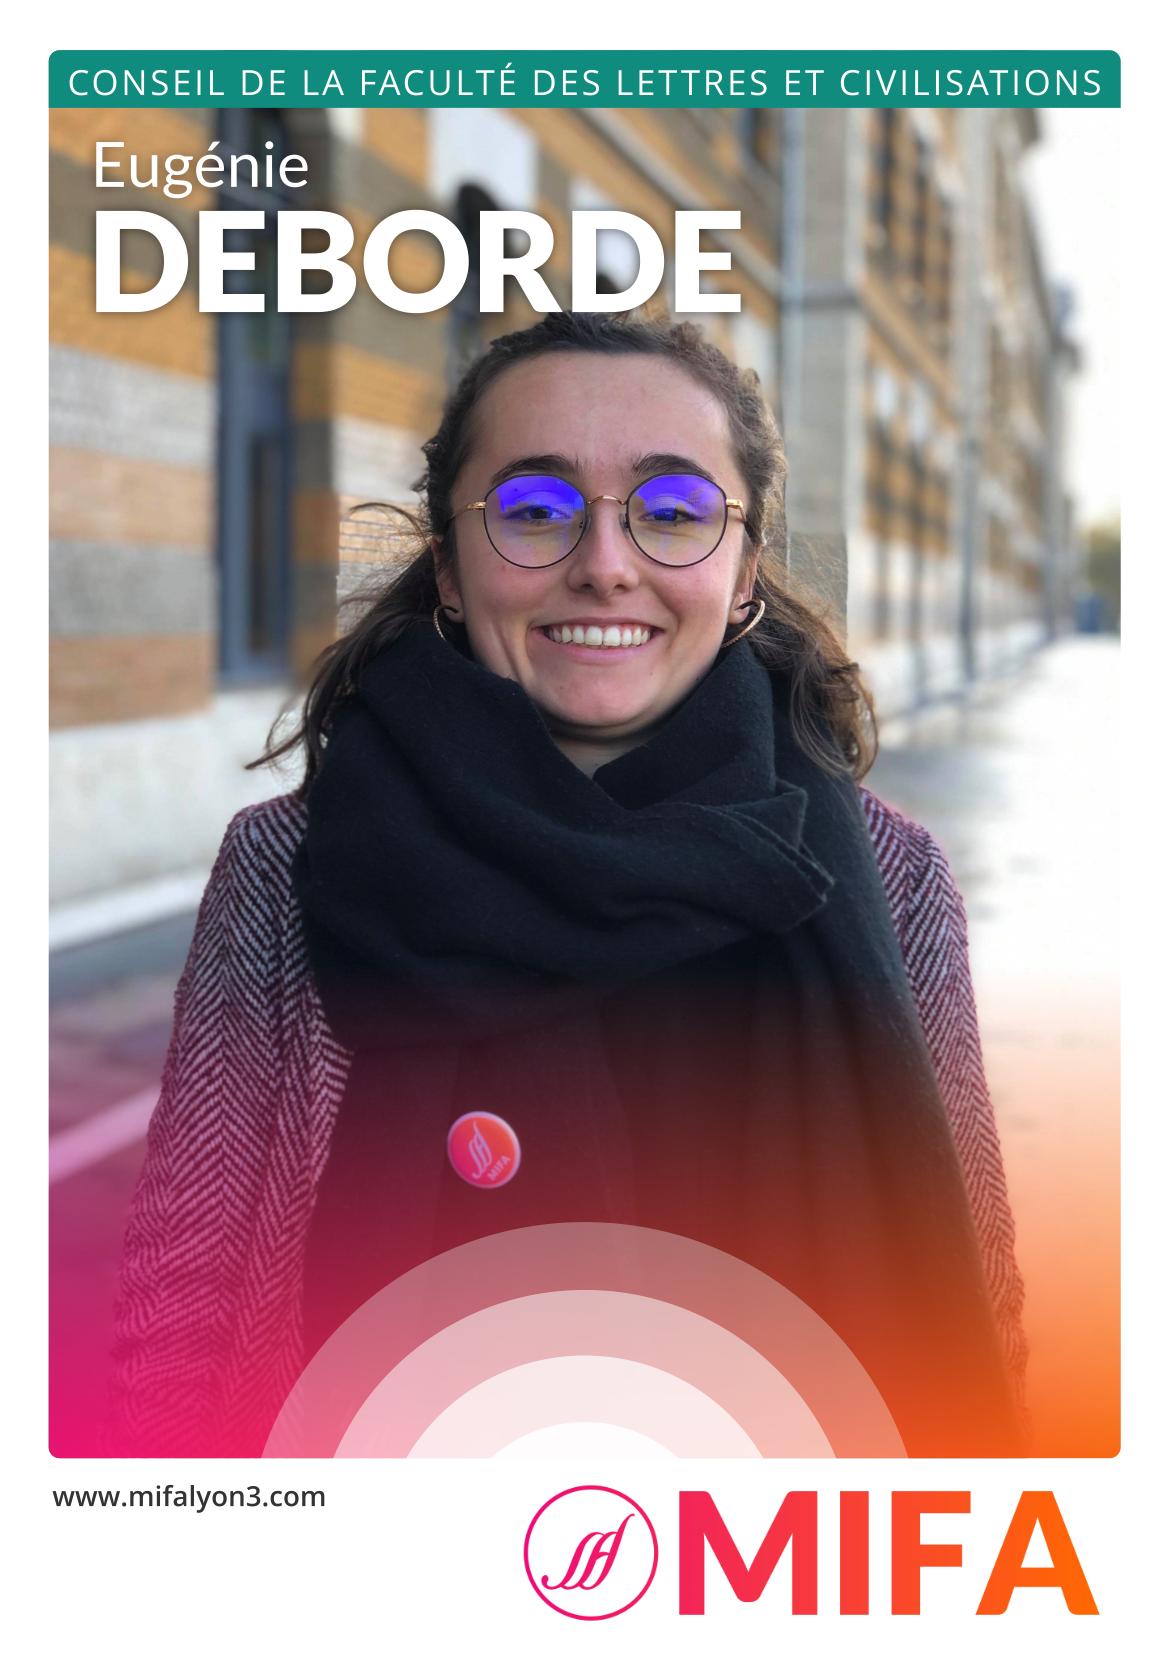 Eugénie DEBORDE